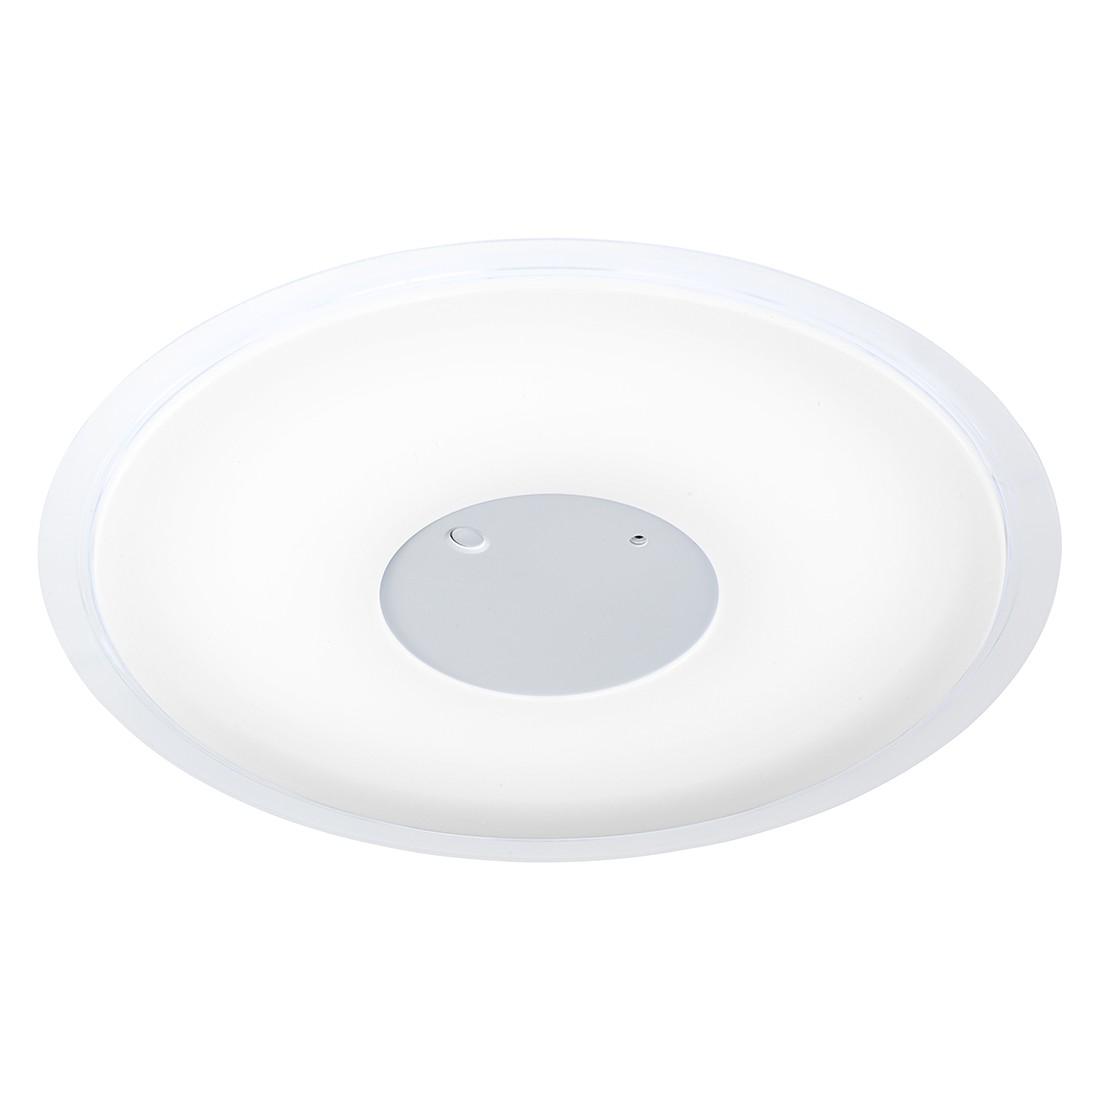 EEK A+, Deckenleuchte SOLENA – Metall – Weiß – 1-flammig, Action günstig kaufen